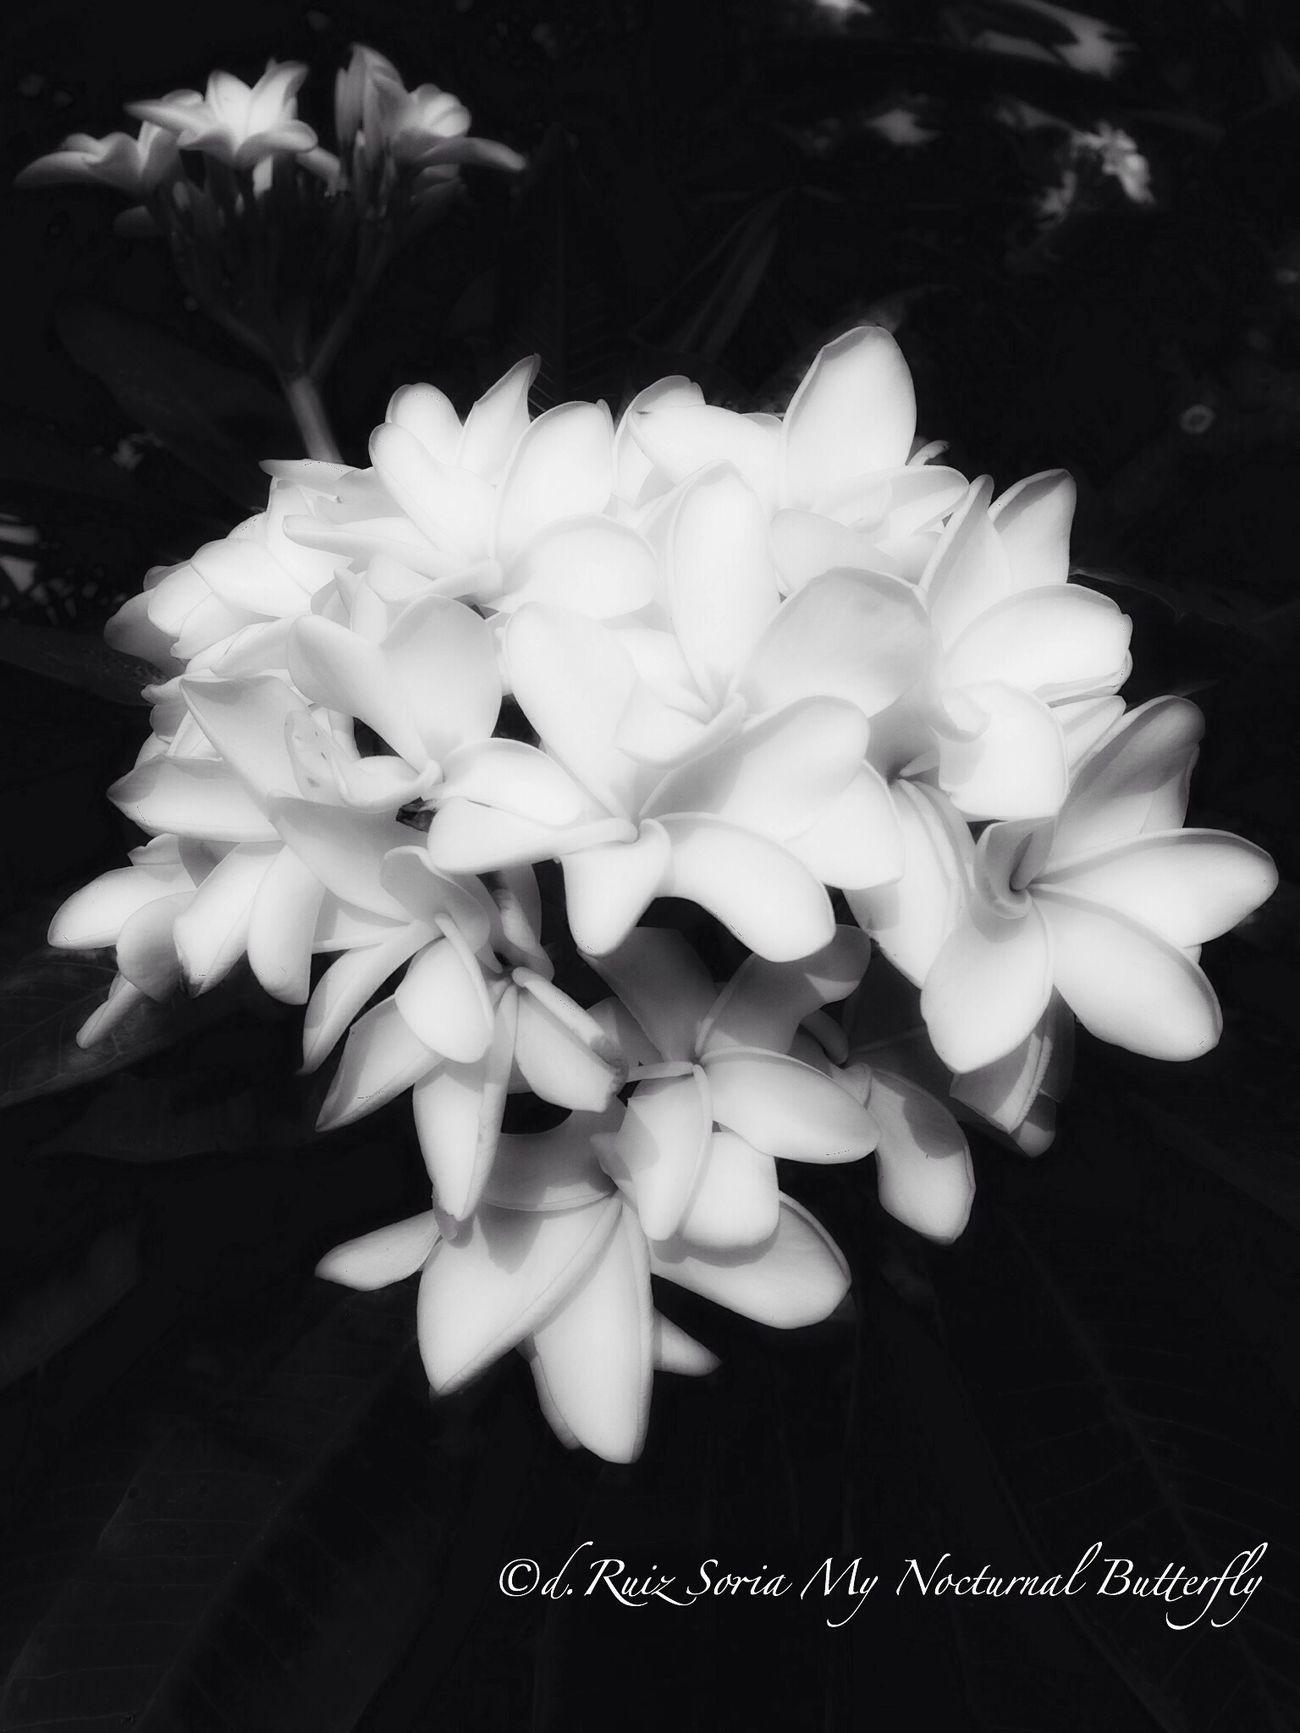 EyeEm Best Shots - Flowers EyeEm Best Shots - Black + White Bw_collection Flowerporn